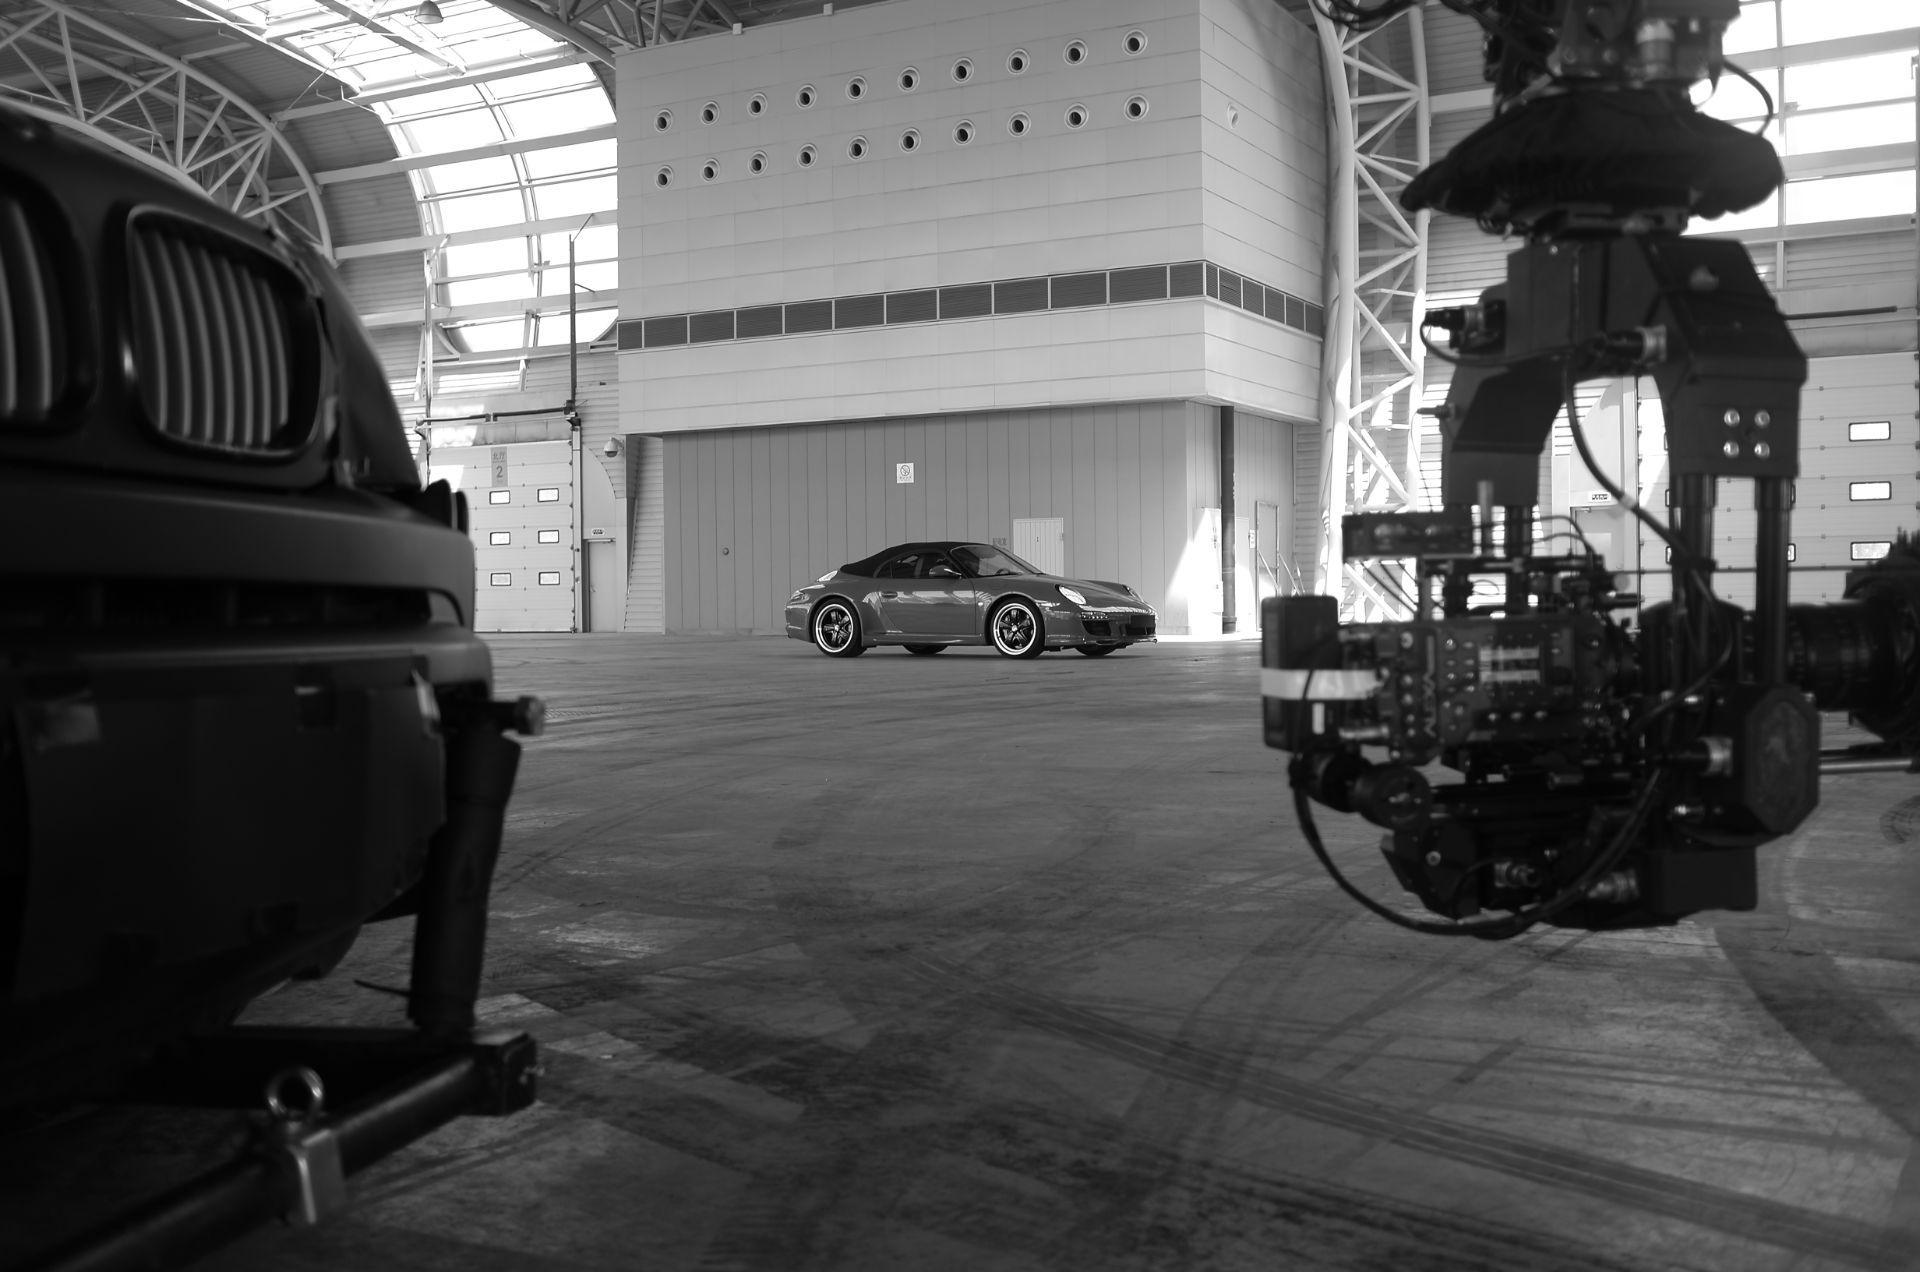 Alquiler de vehículos con cámara y vehículos de seguimiento